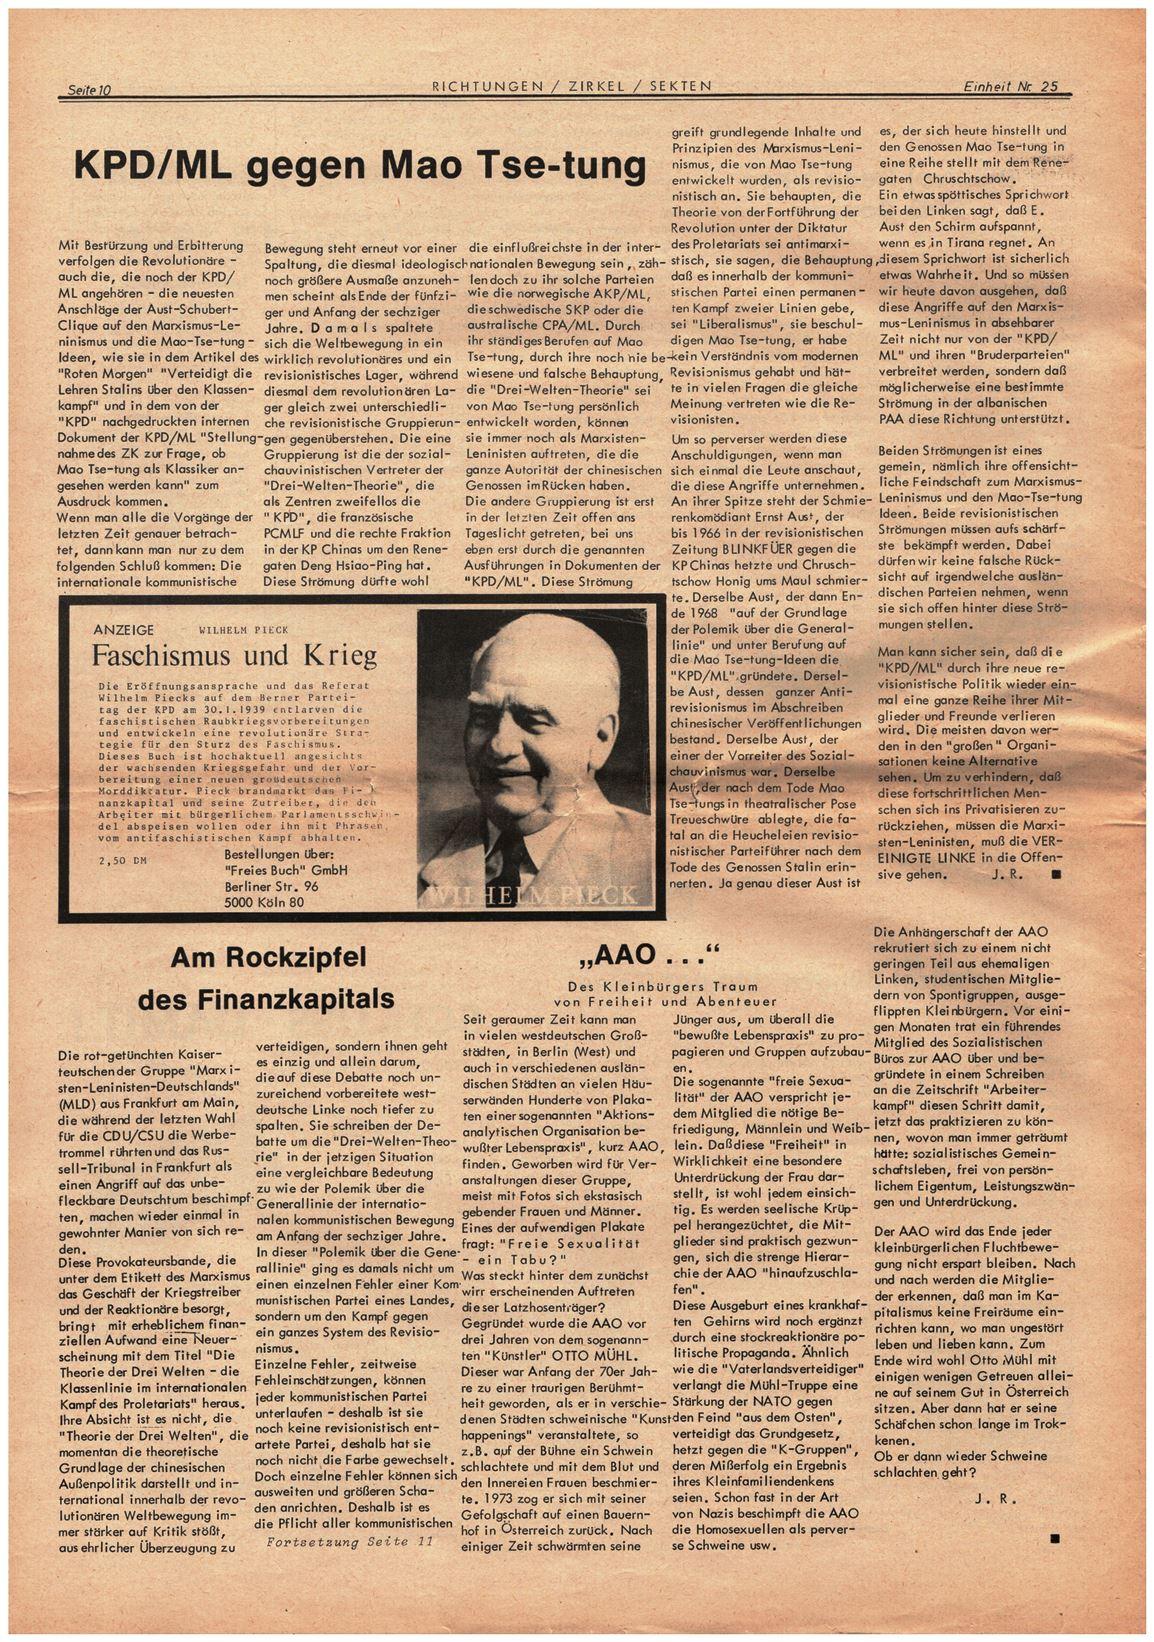 Koeln_IPdA_Einheit_1978_025_010